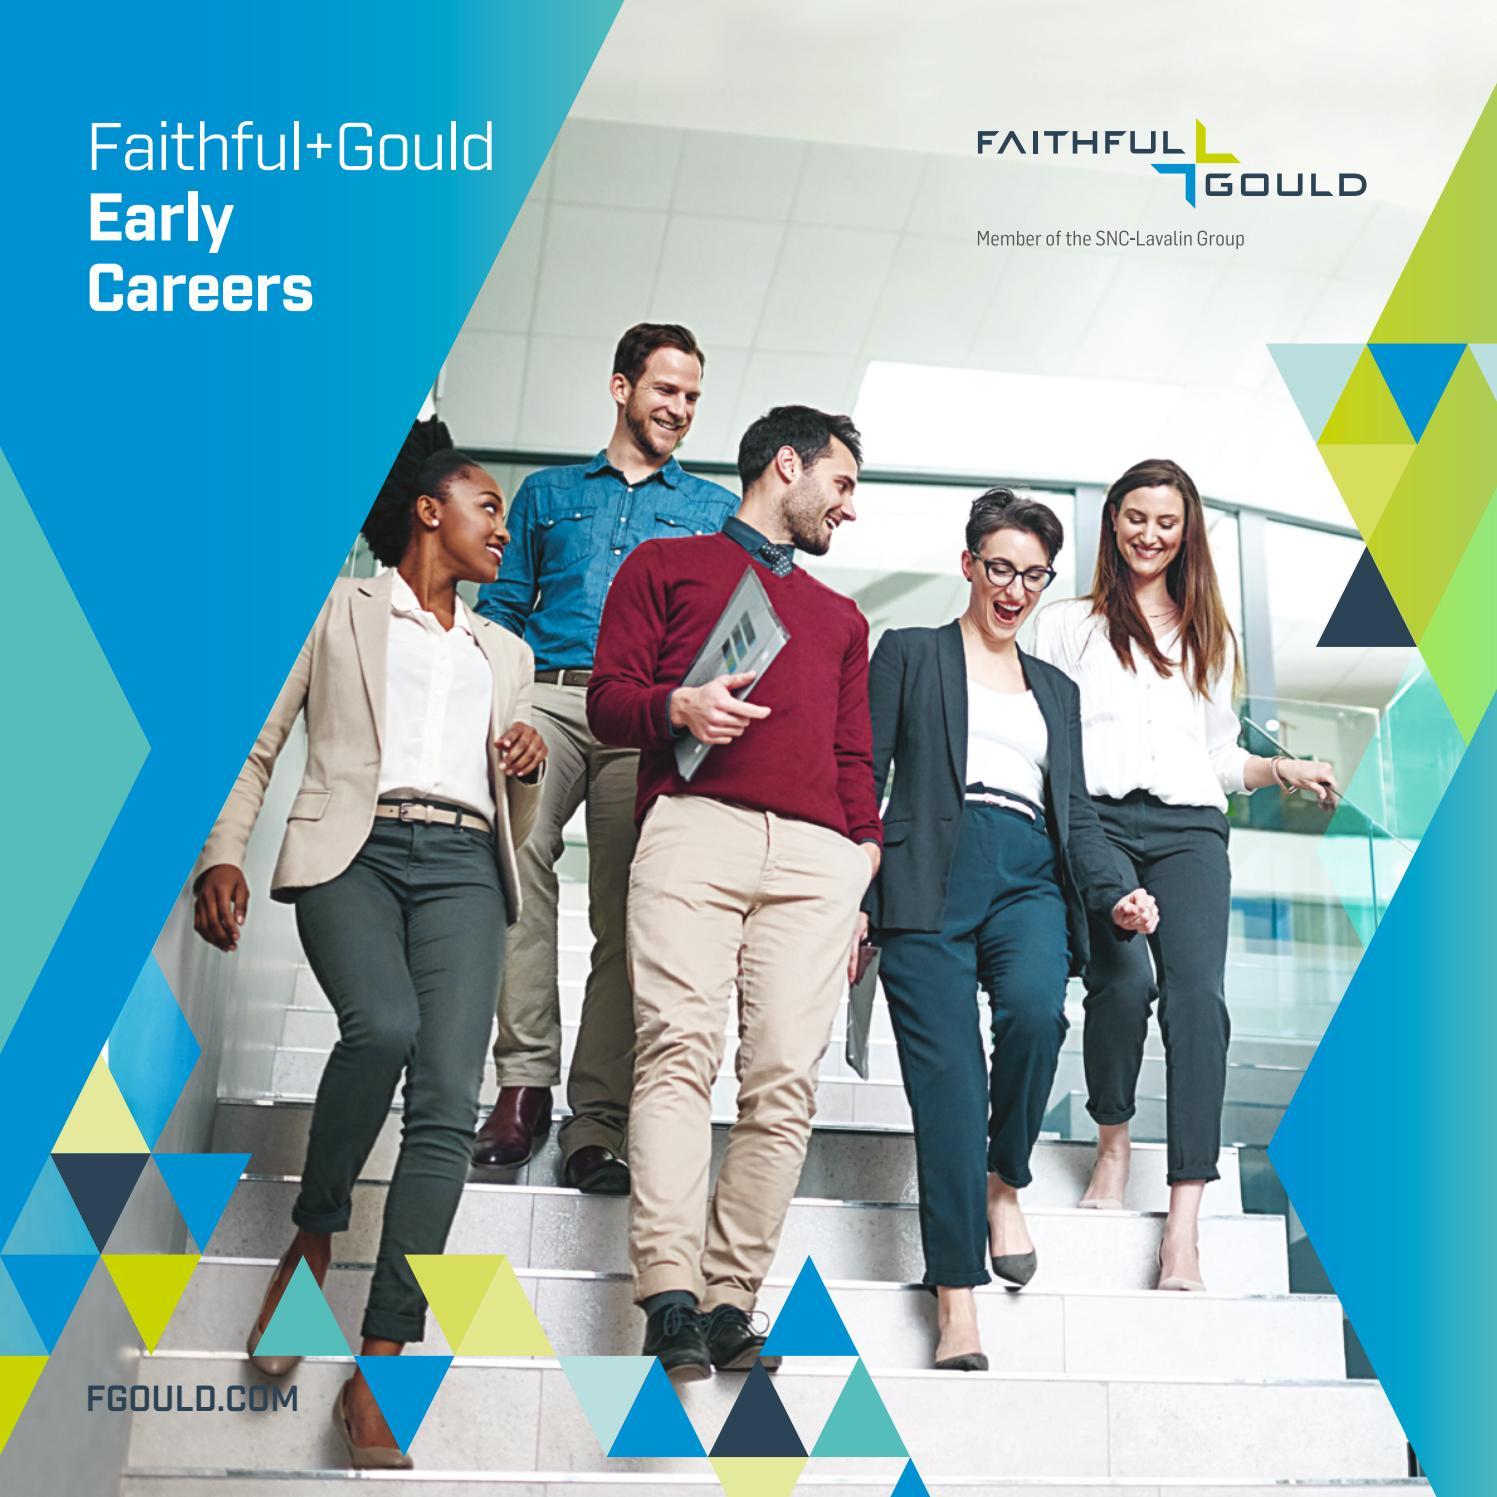 Faithful+Gould Early Careers by Faithful+Gould - issuu